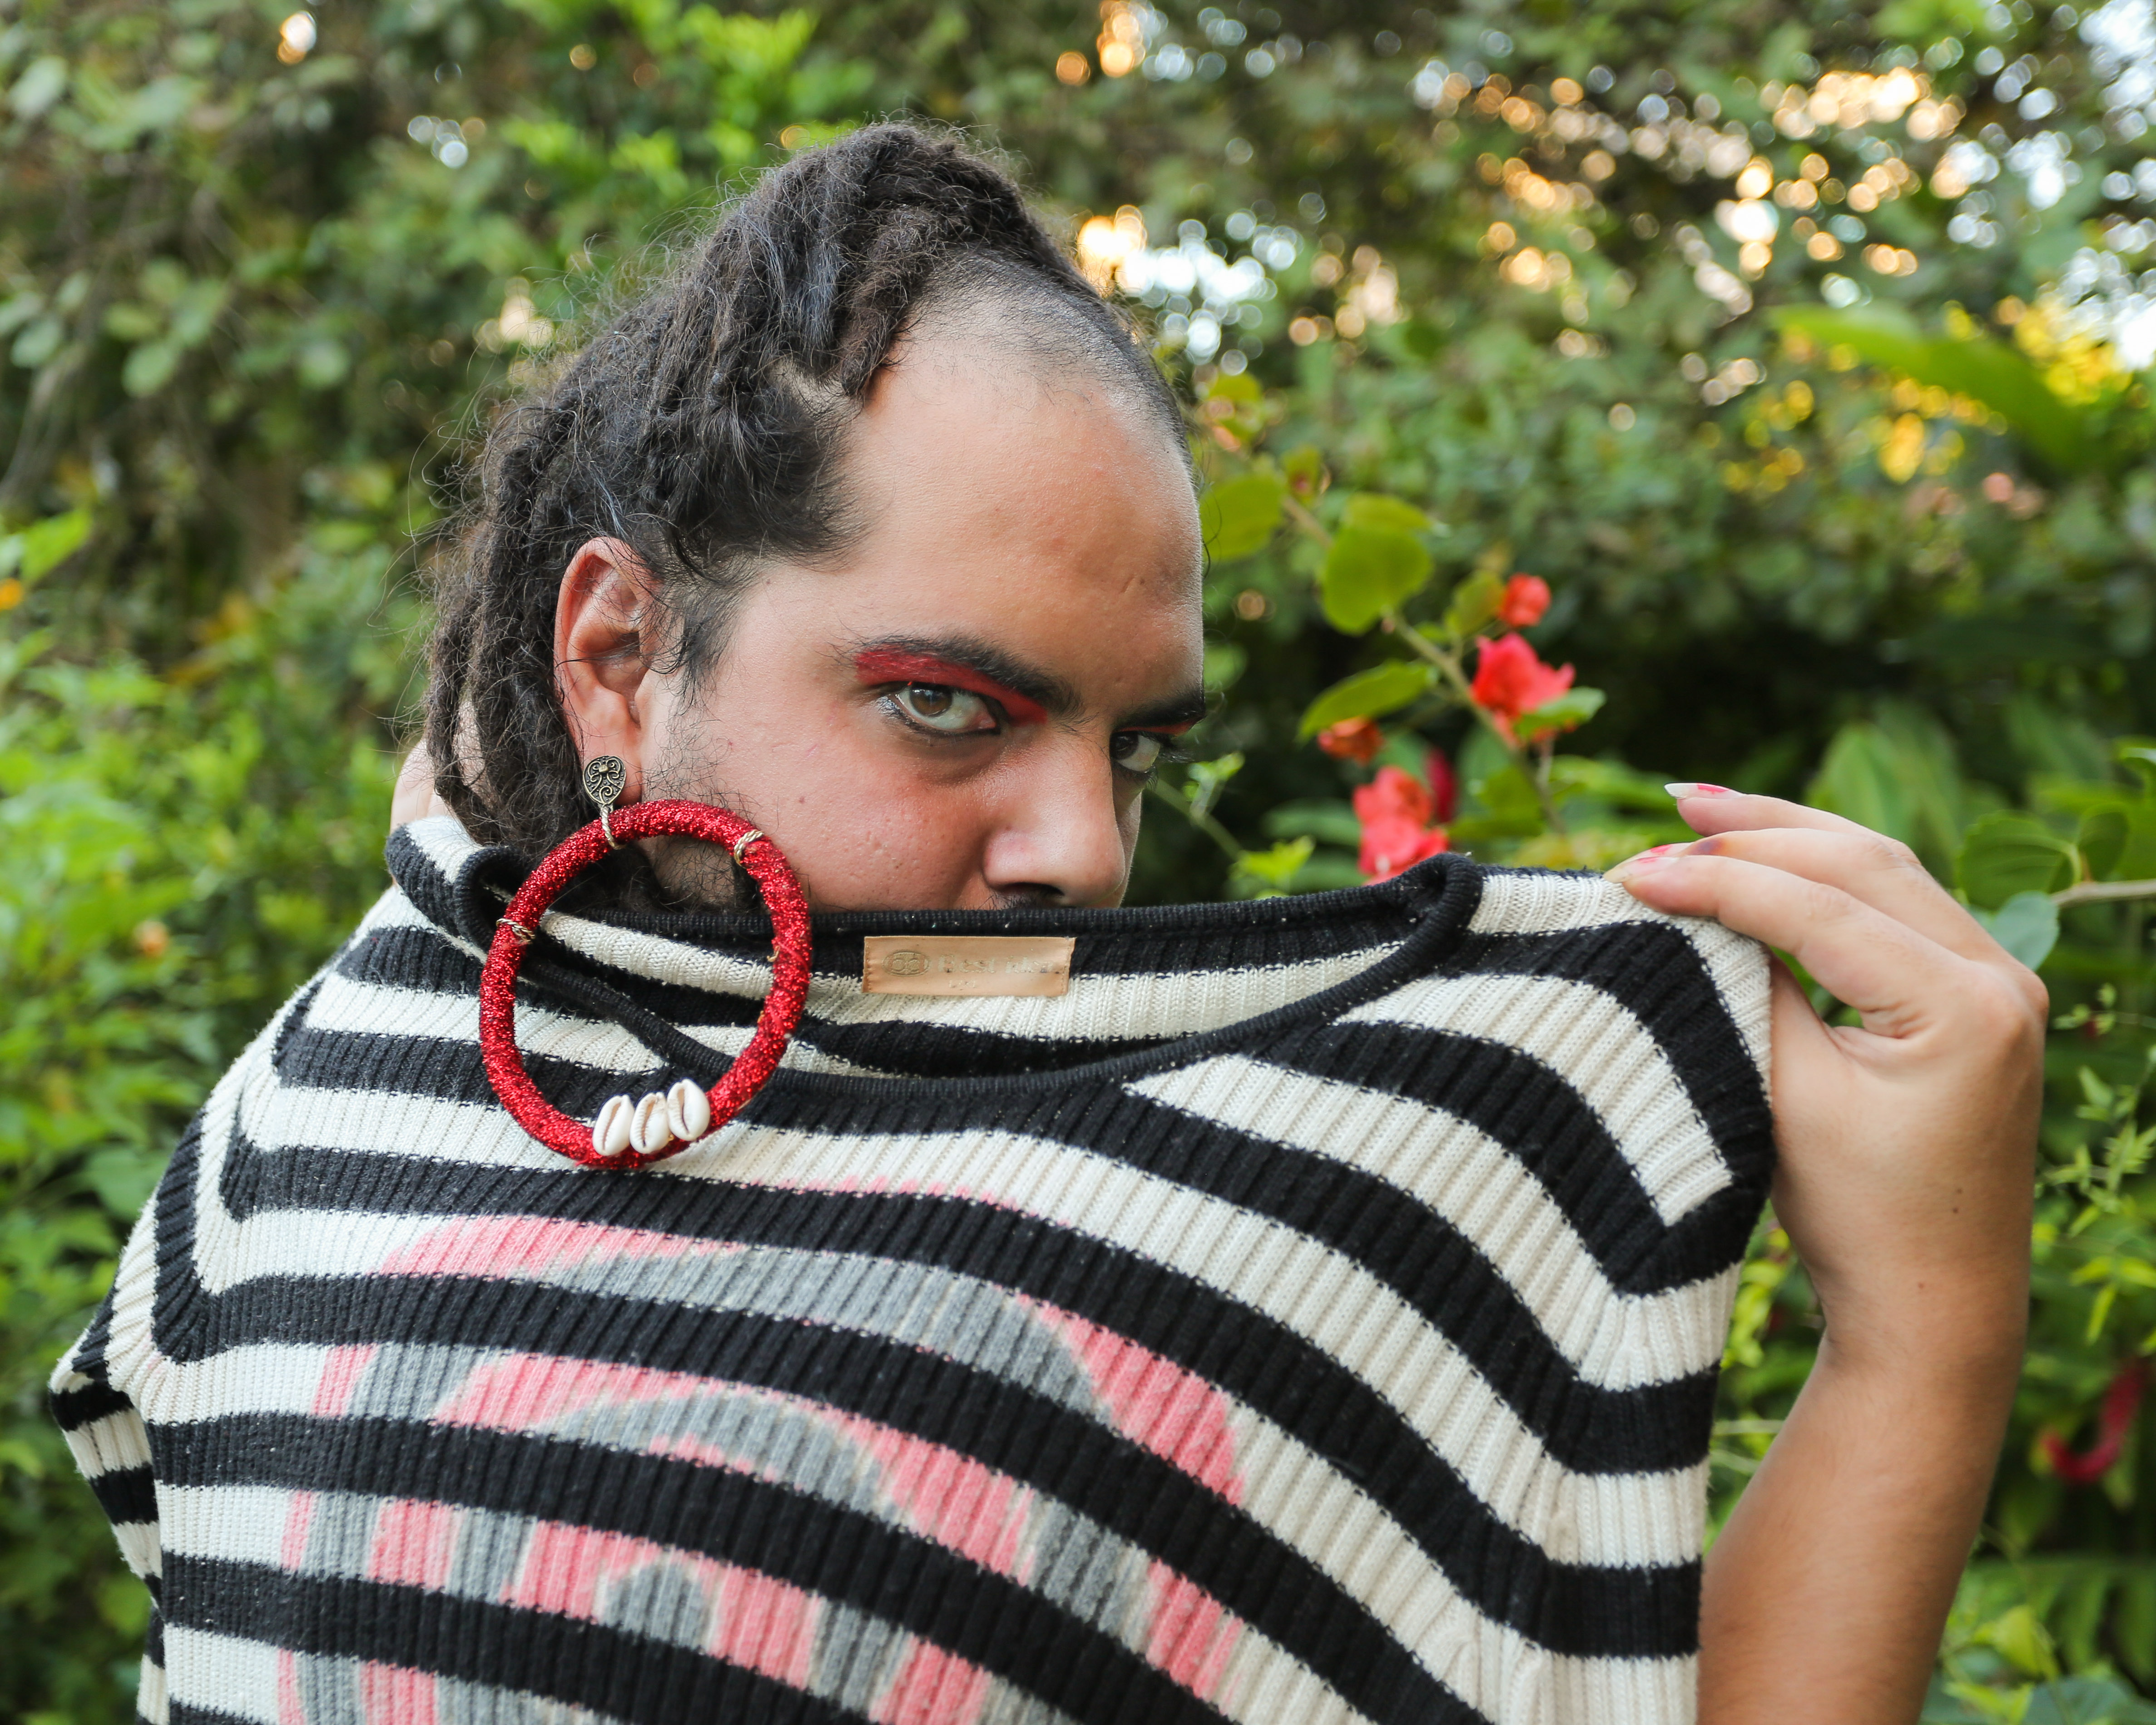 #PraCegoVer: Yuri Tripodi, mulher branca e de barba, olha de lado para a câmera. Ela usa brincos vermelhos e segura uma blusa listrada em preto e branco